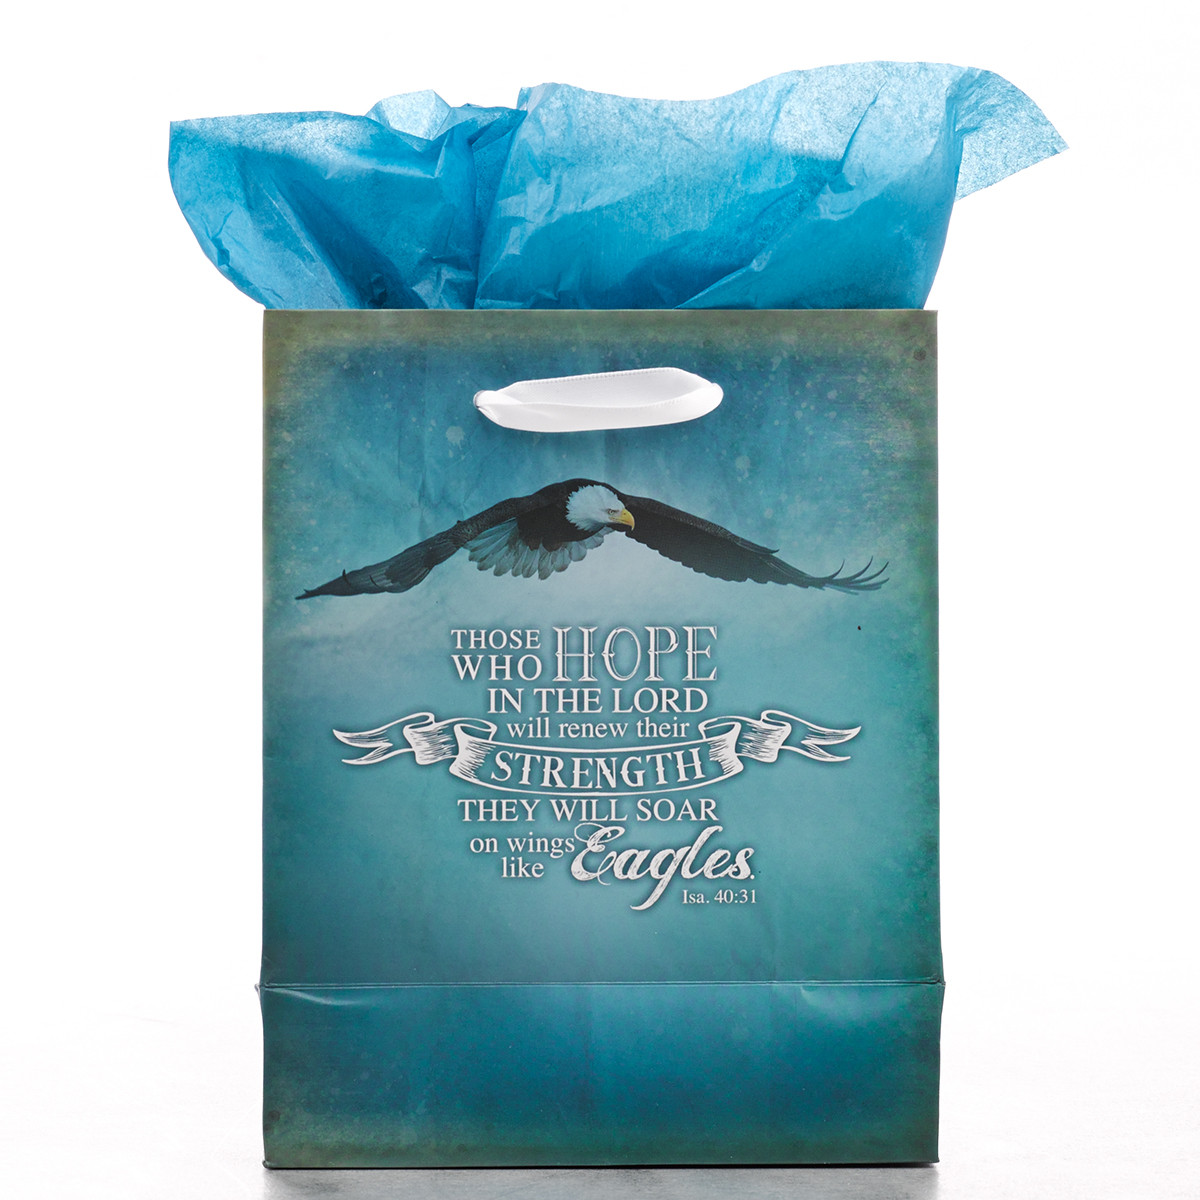 On Wings Like Eagles Small Gift Bag gift bag, small gift bag, tissue and bag, gift wrap, GBA044